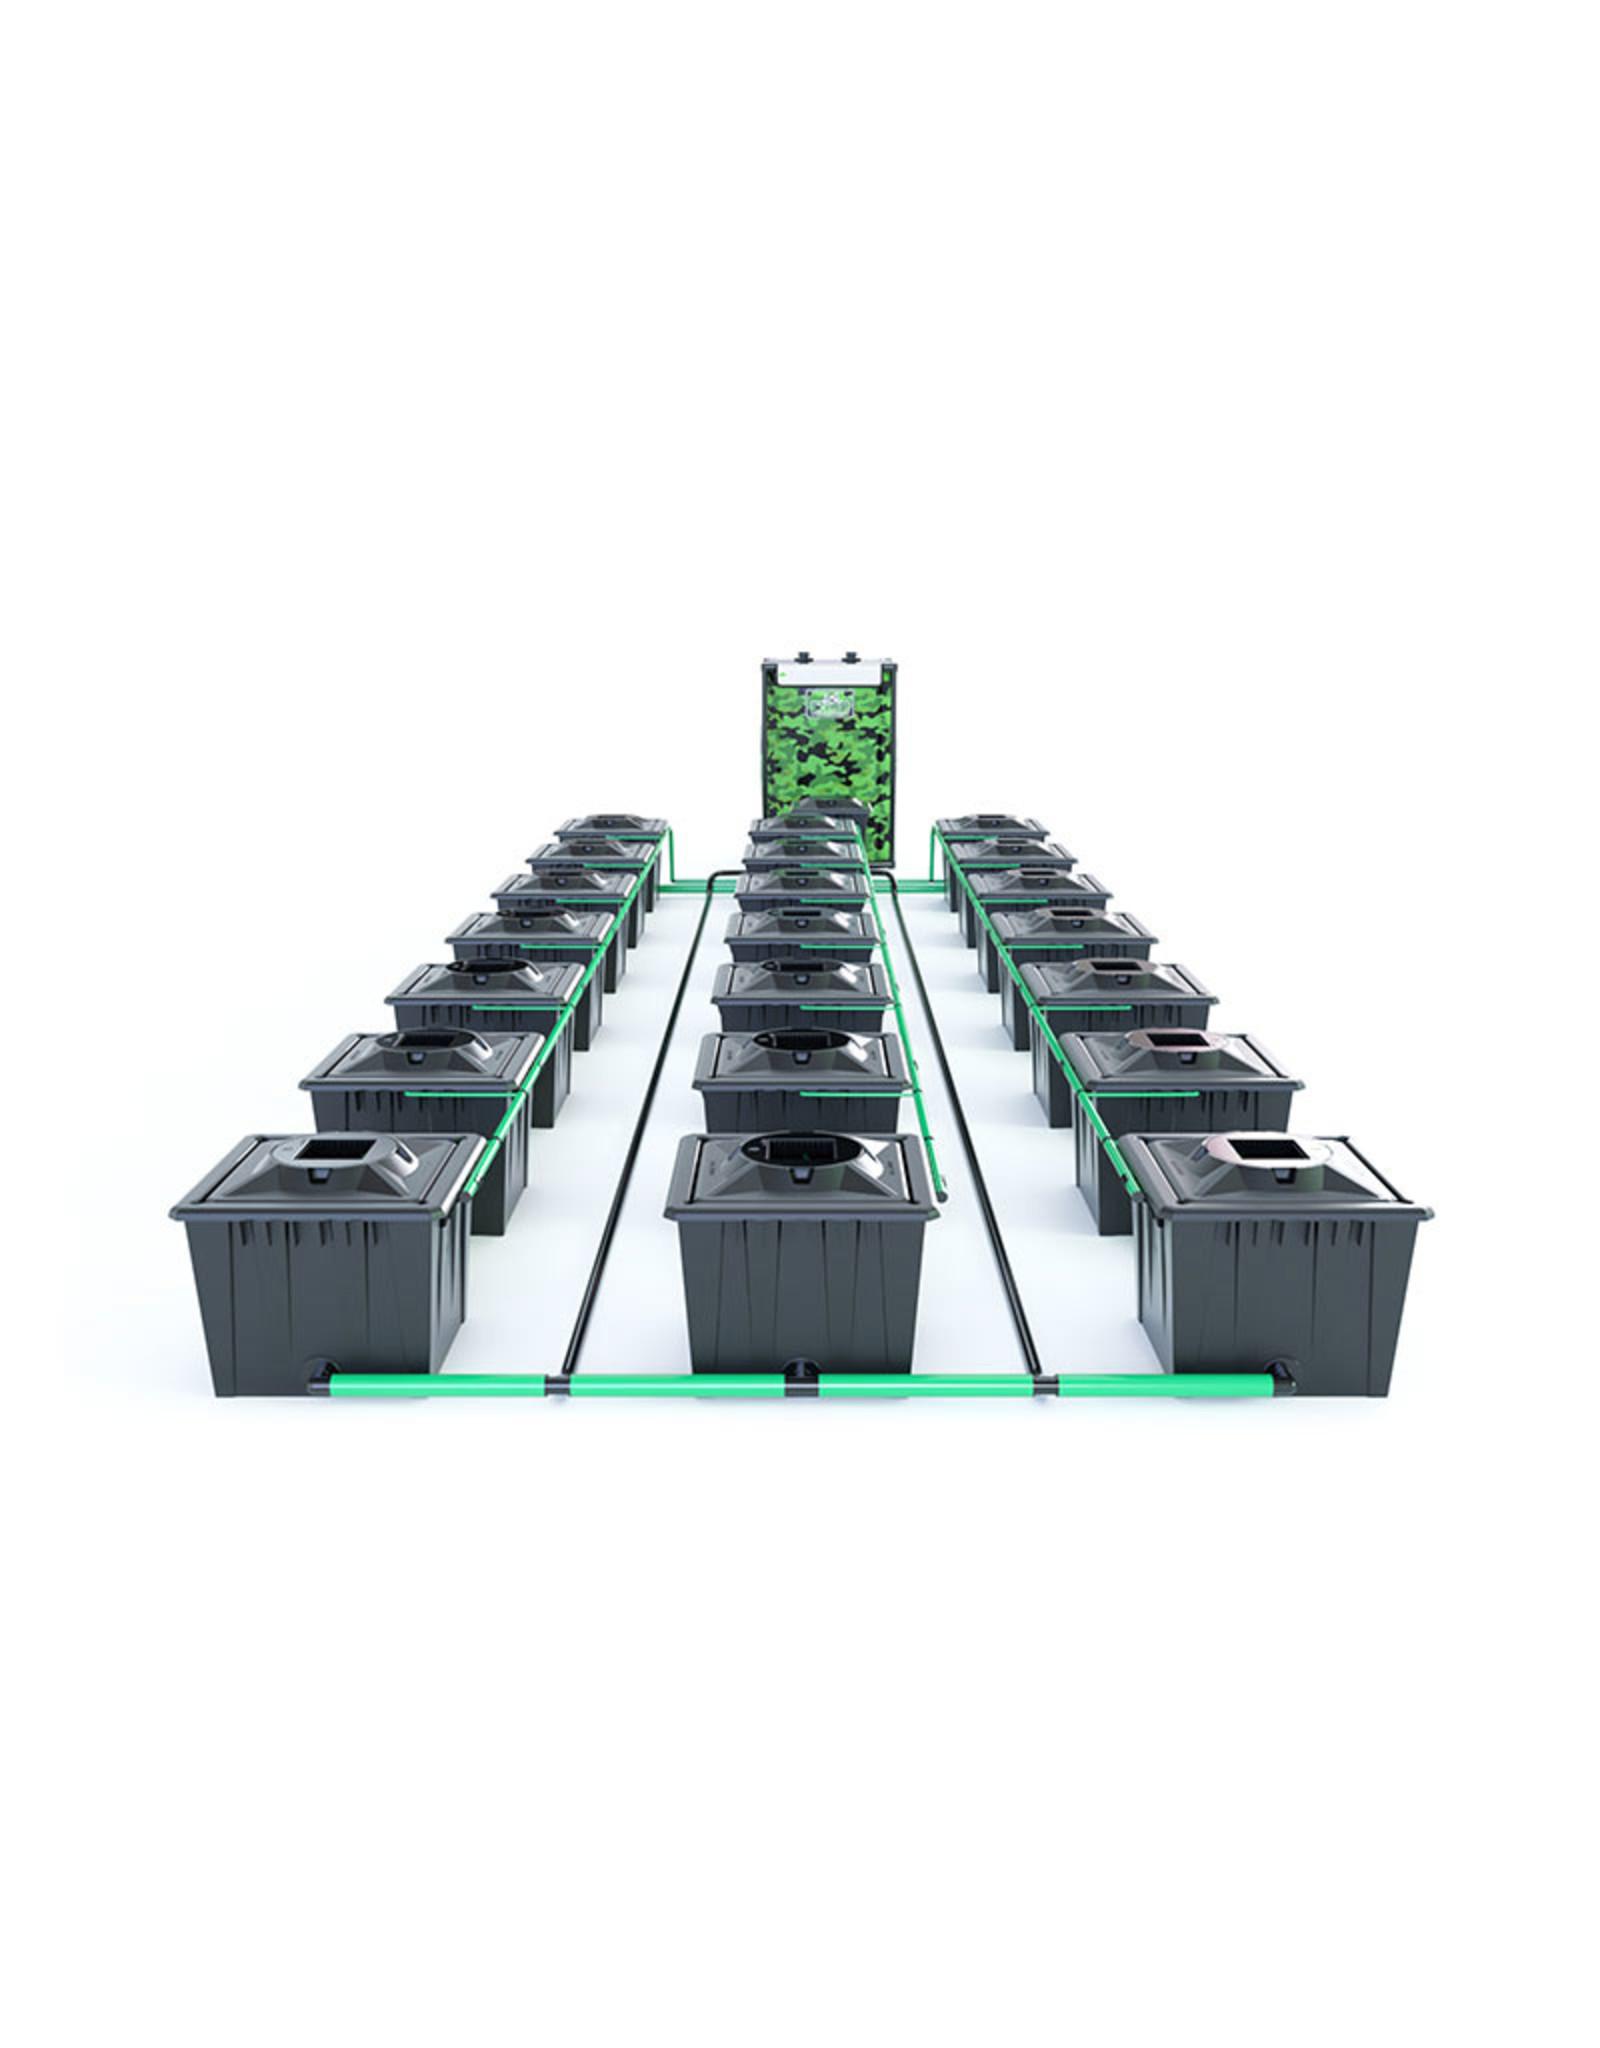 ALIEN HYDROPONICS RDWC BLACK SERIES 36L  21 POT SYSTEM